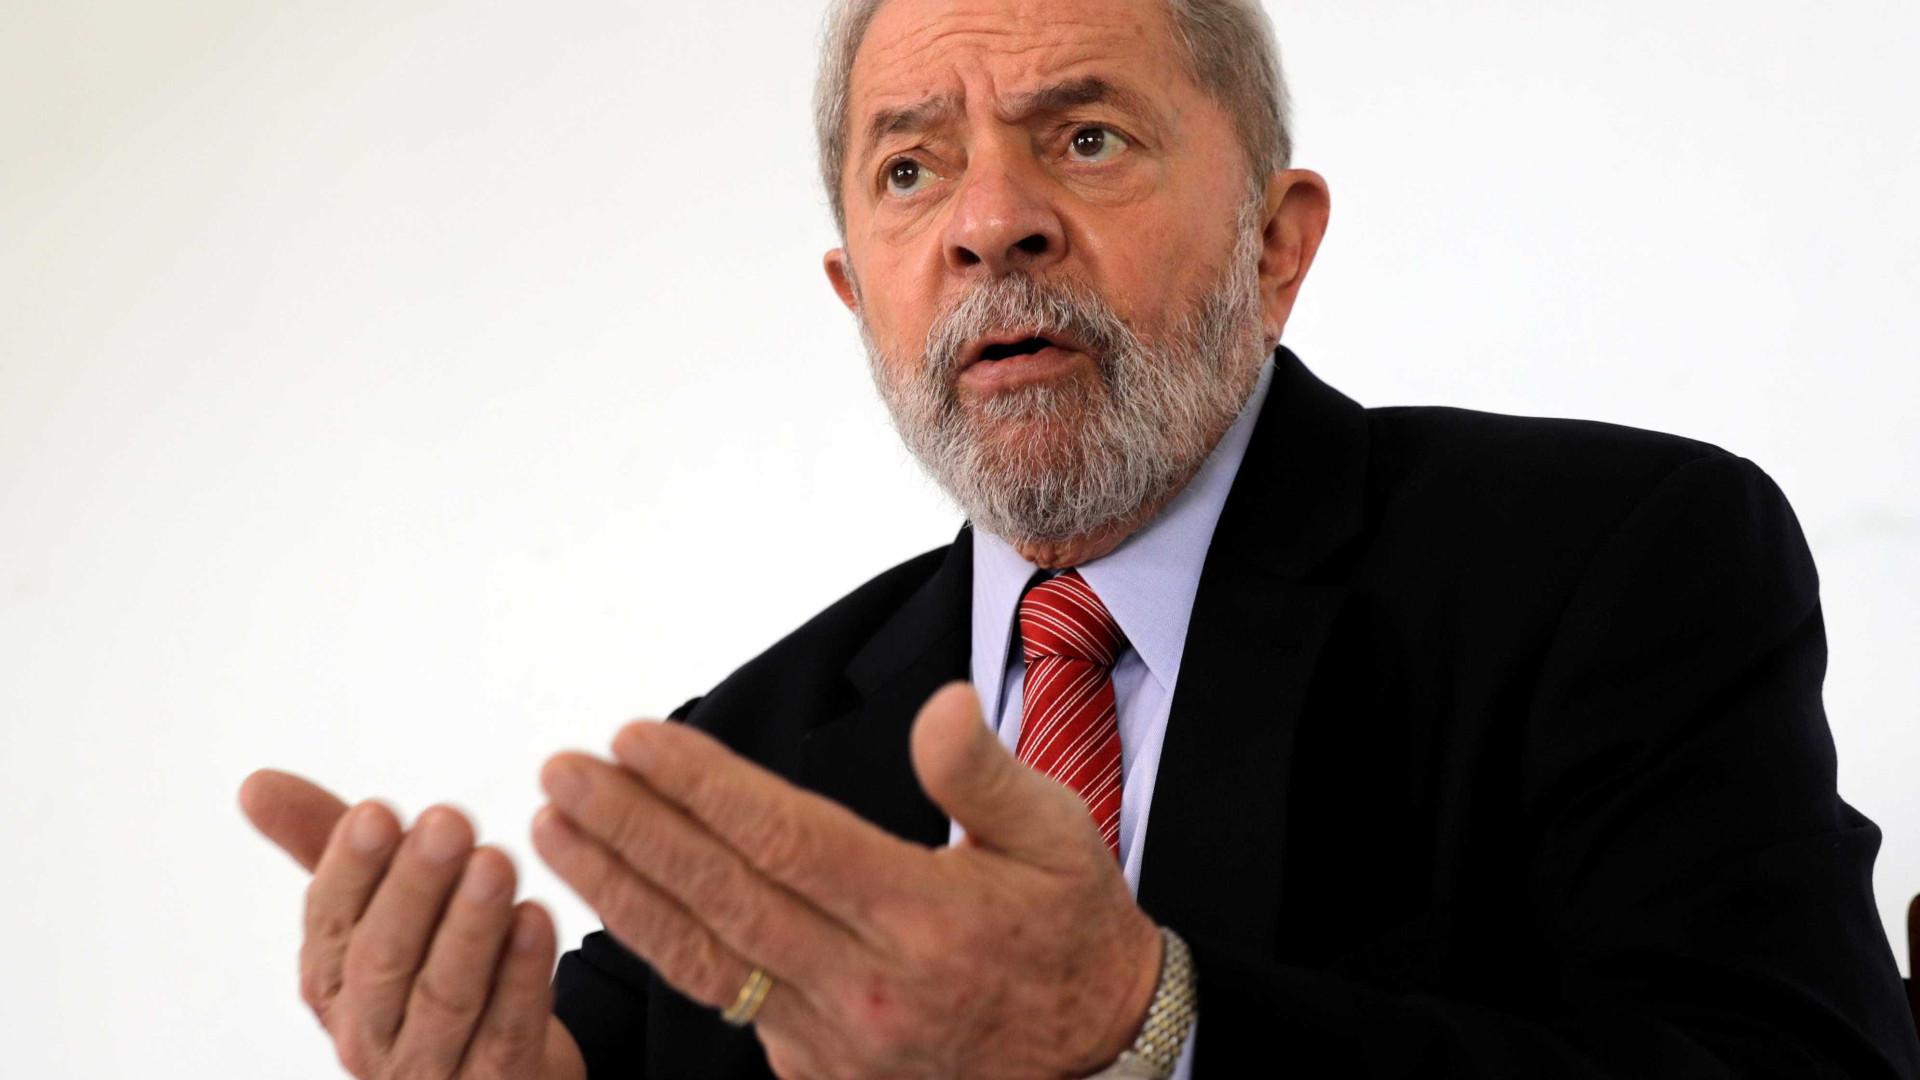 STJ rejeita recurso de Lula para reverter condenação no caso do triplex